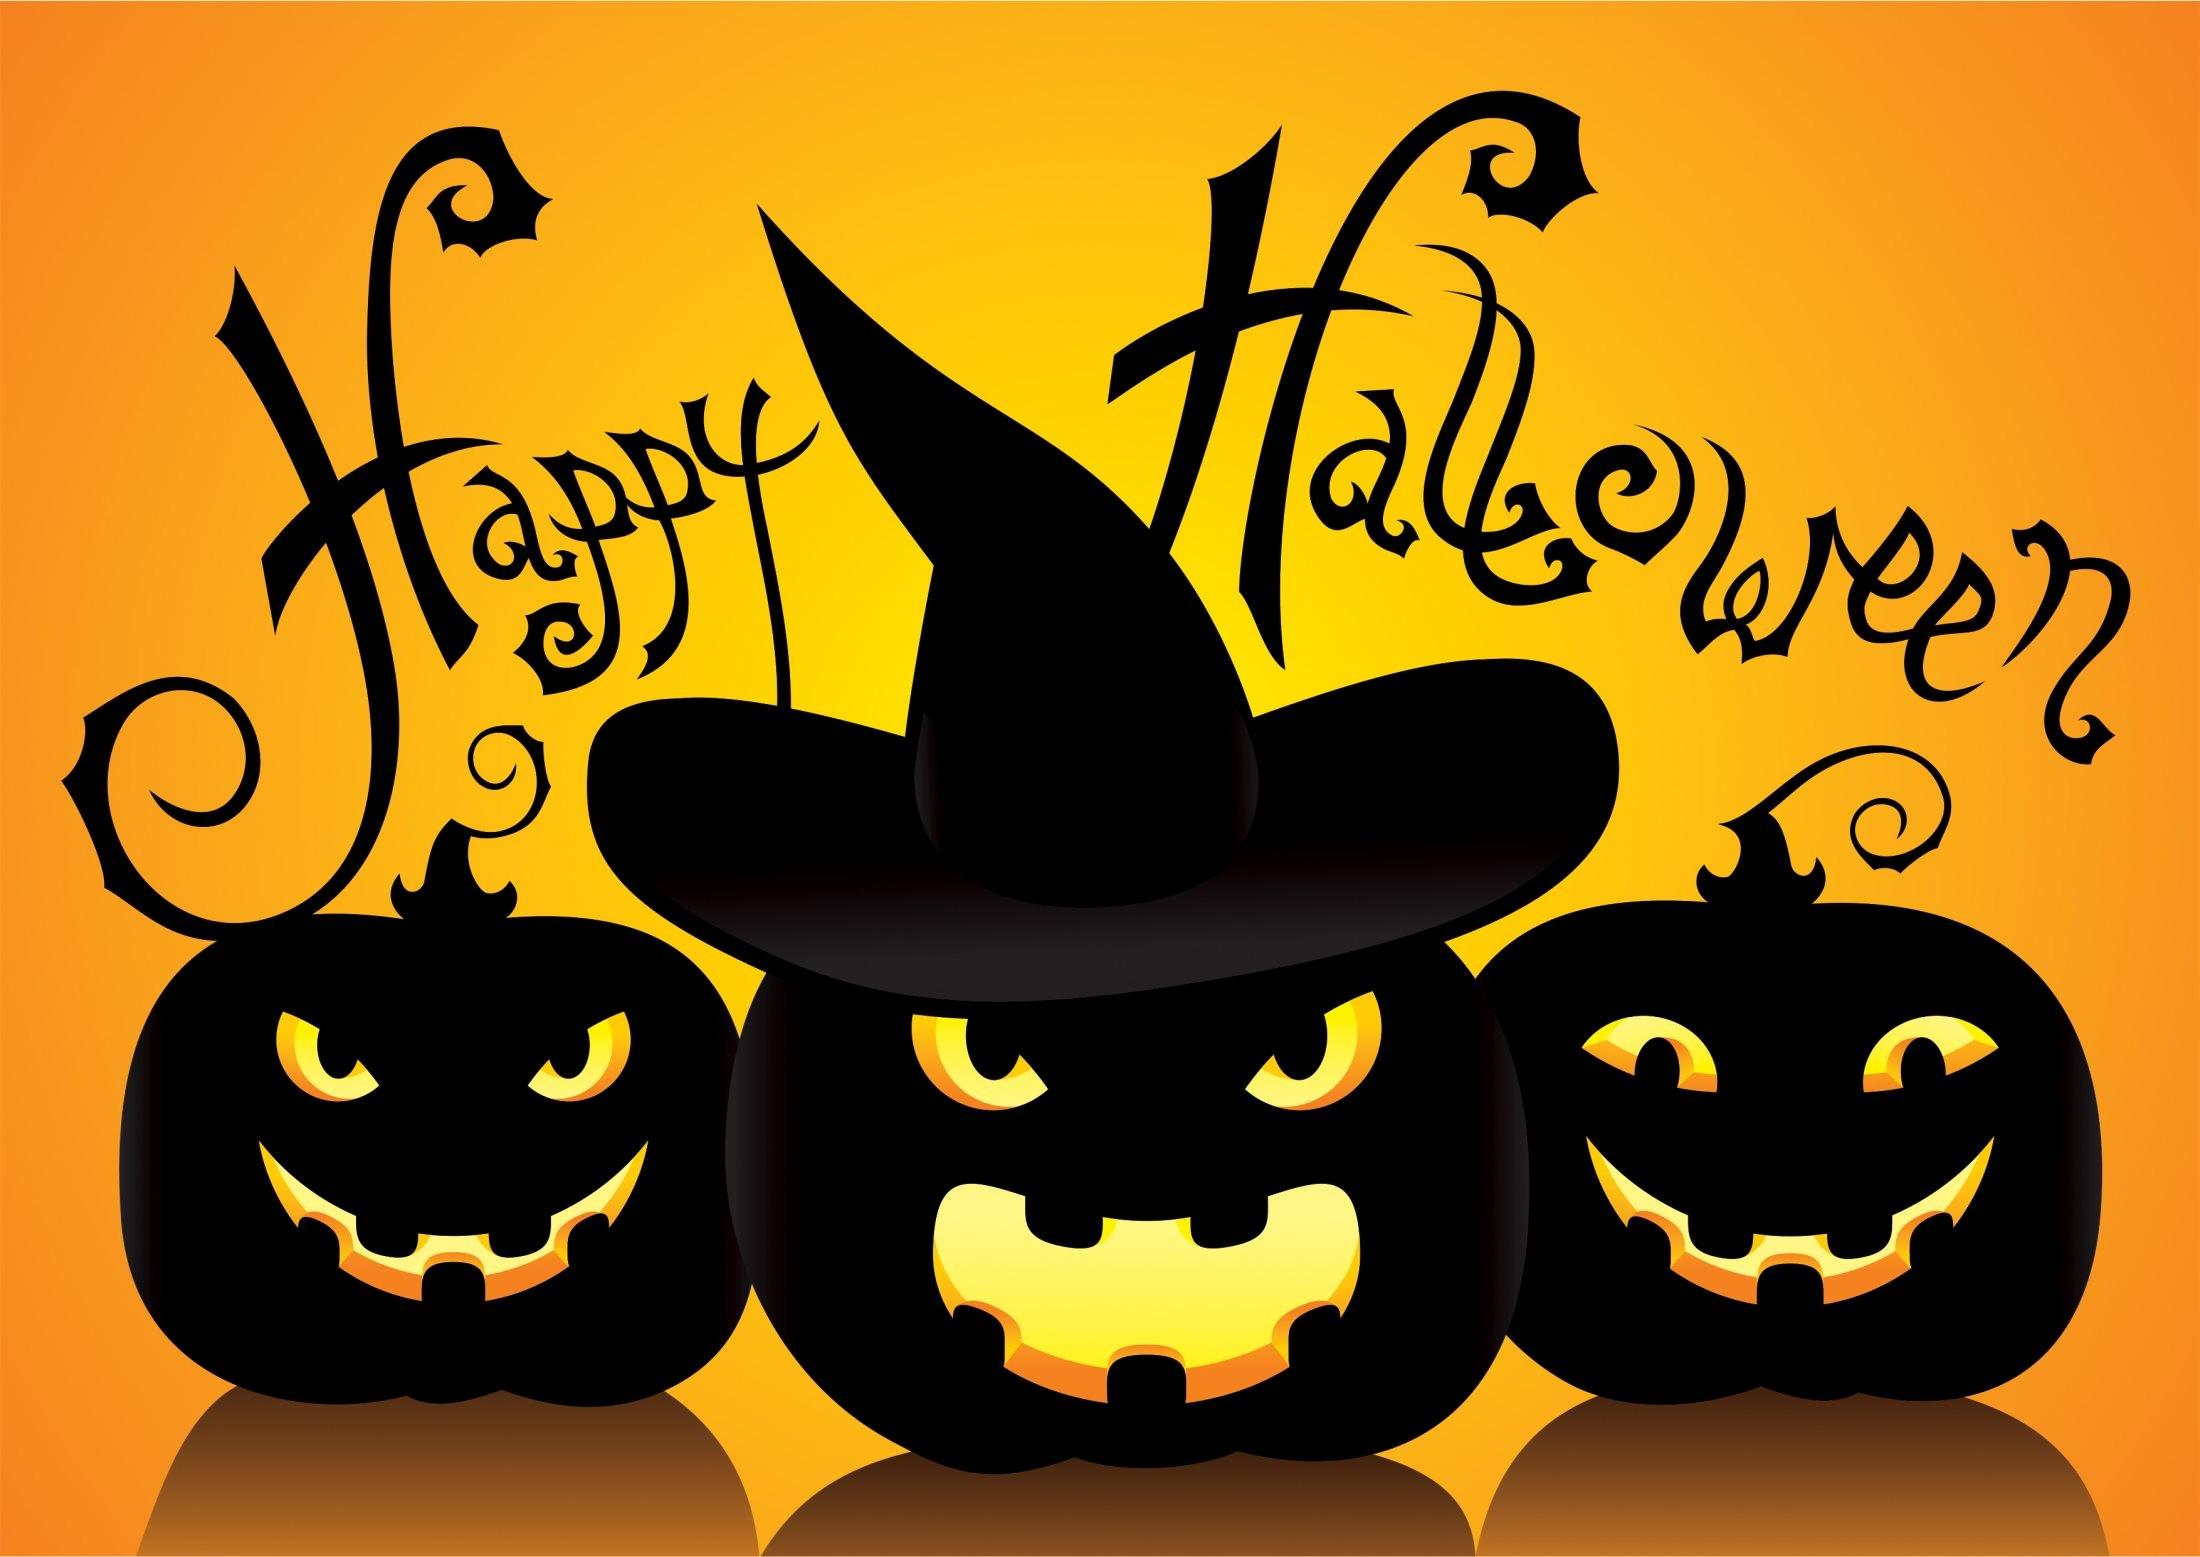 Happy Halloween Desktop Wallpaper 71 images 2200x1557